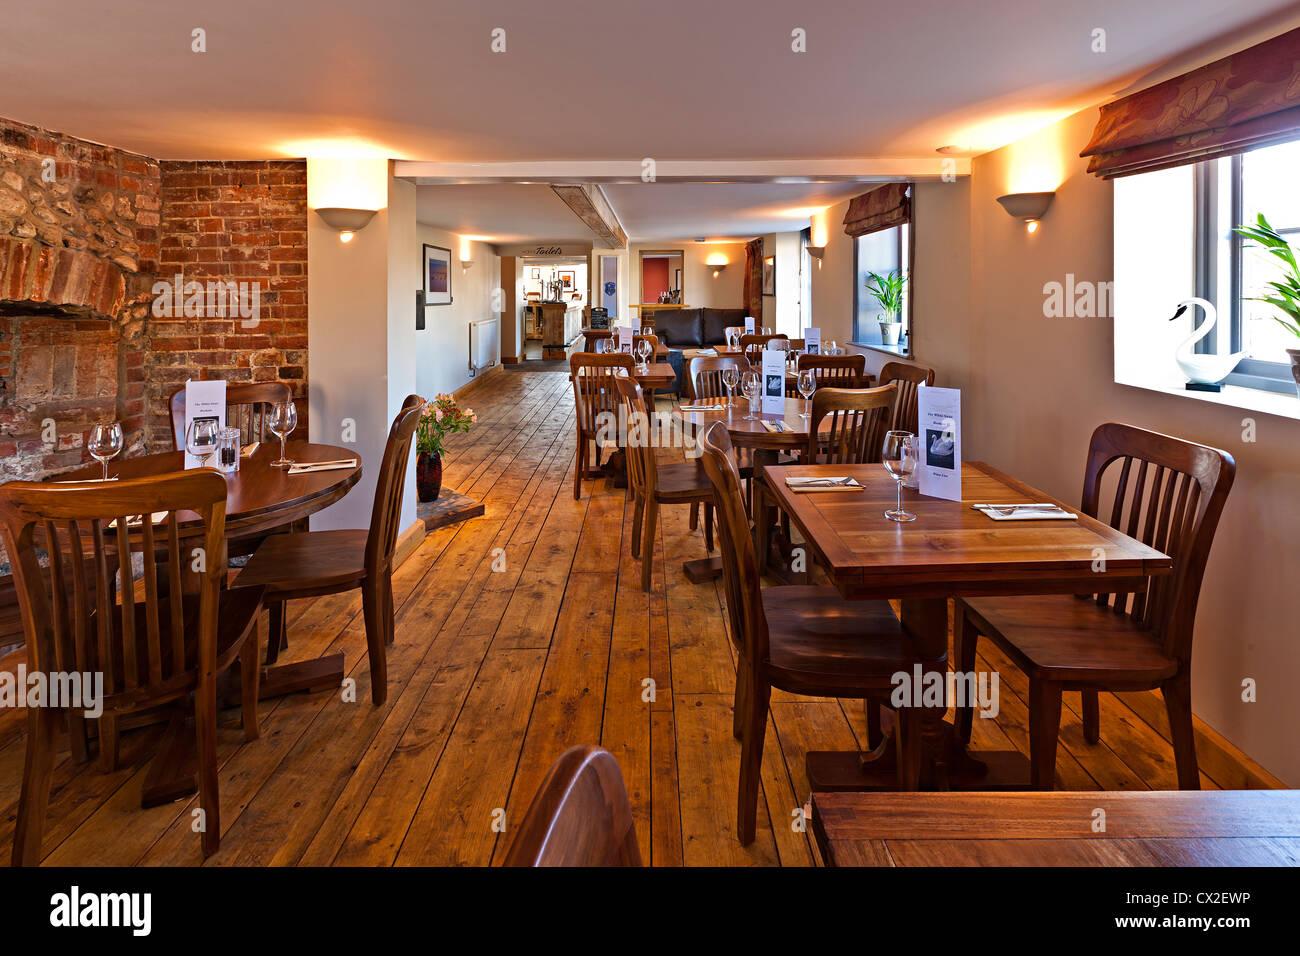 Englisches Pub Interieur Stockbild